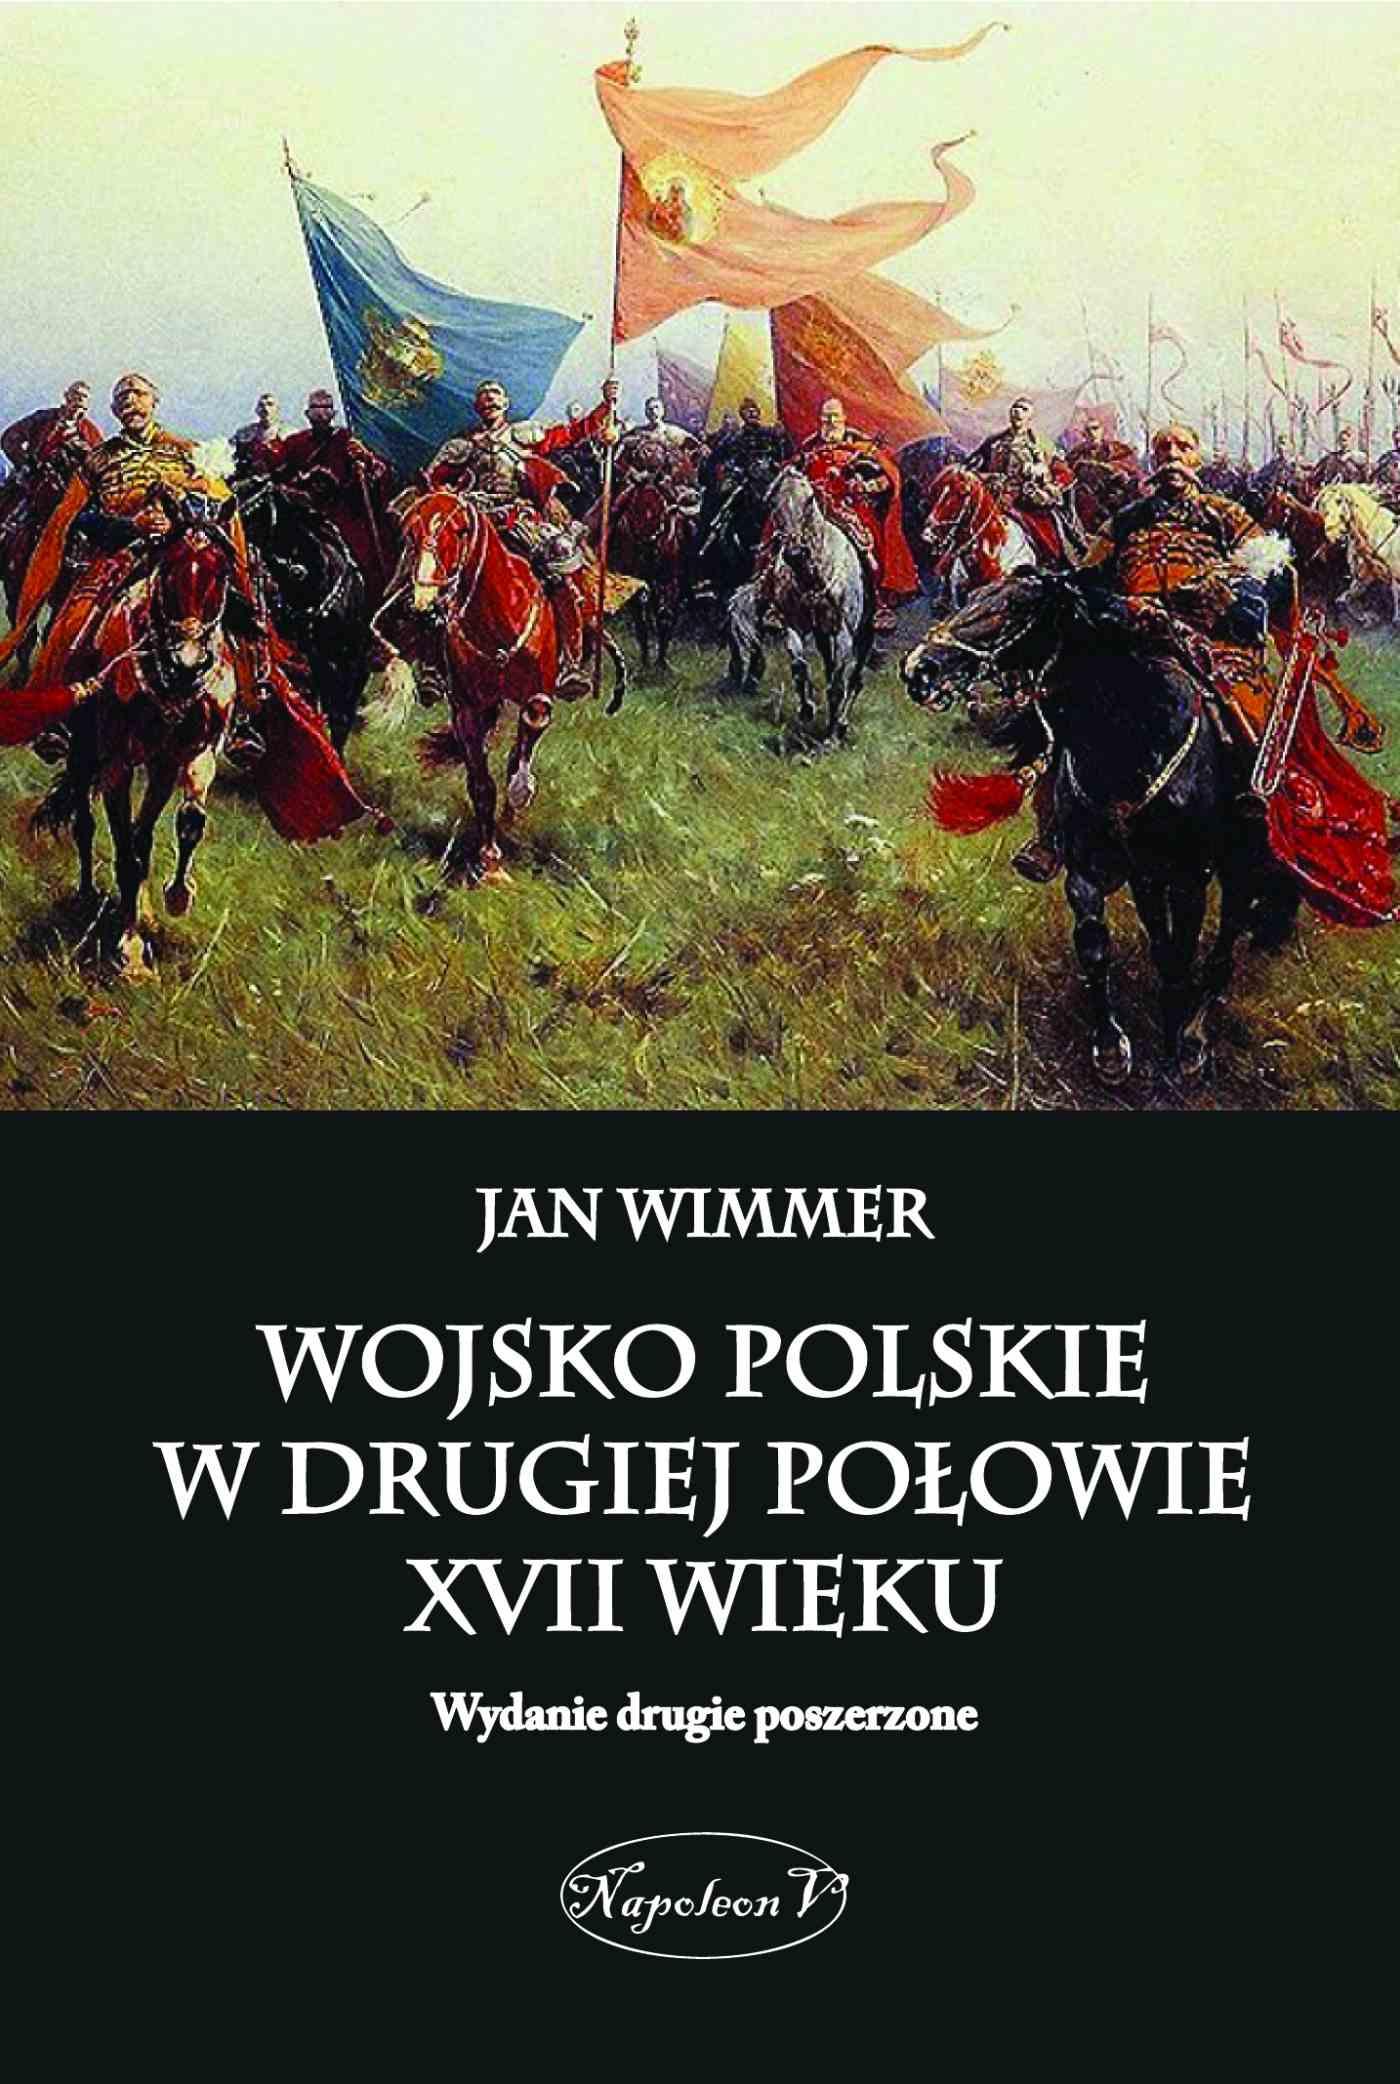 Wojsko polskie w drugiej połowie XVII wieku - Ebook (Książka na Kindle) do pobrania w formacie MOBI